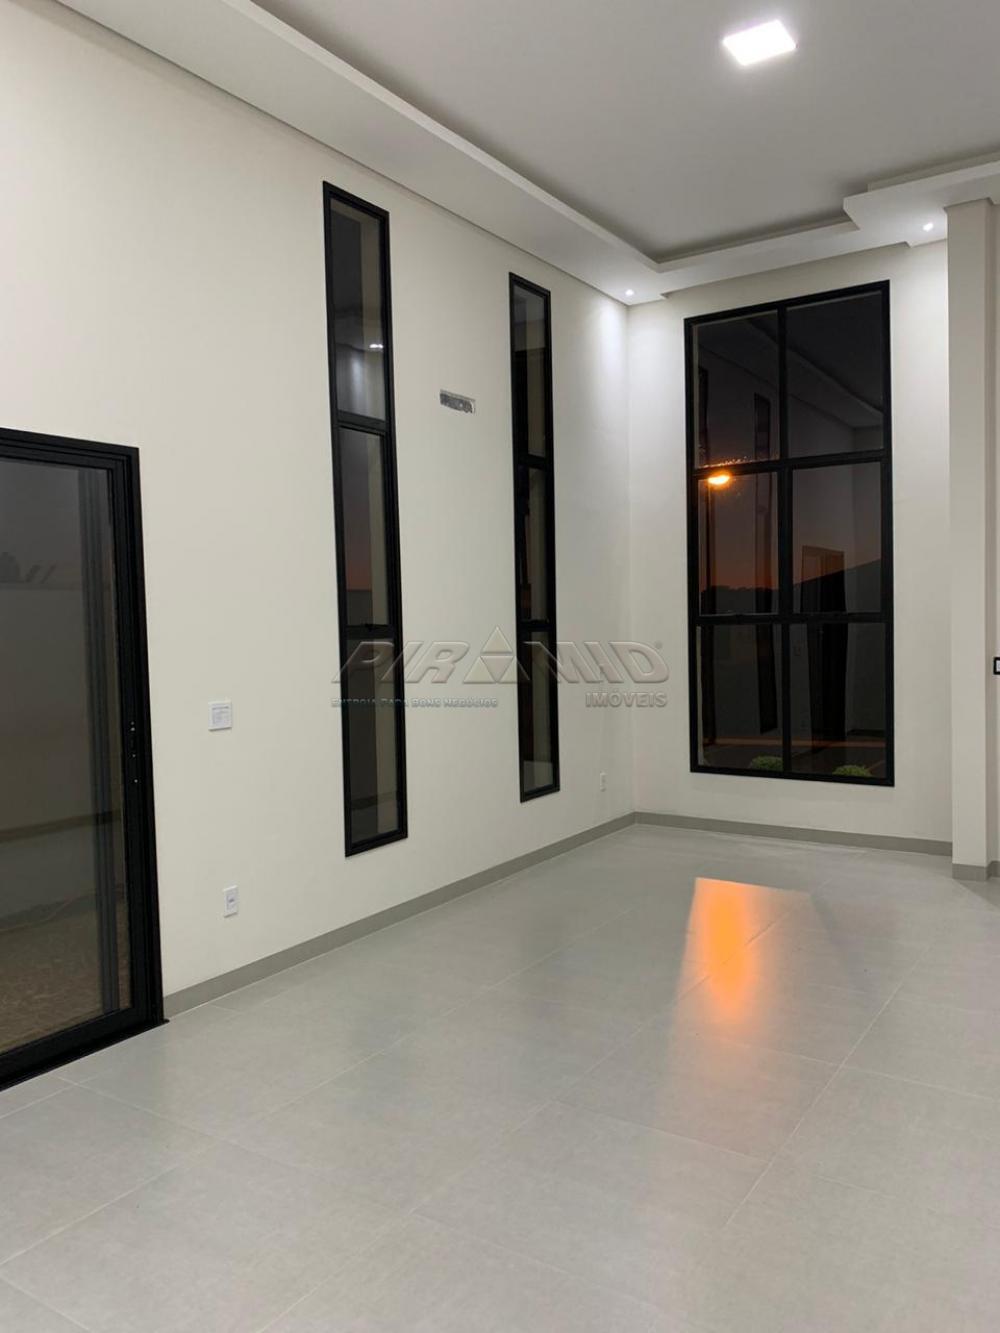 Comprar Casa / Condomínio em Ribeirão Preto apenas R$ 1.090.000,00 - Foto 3